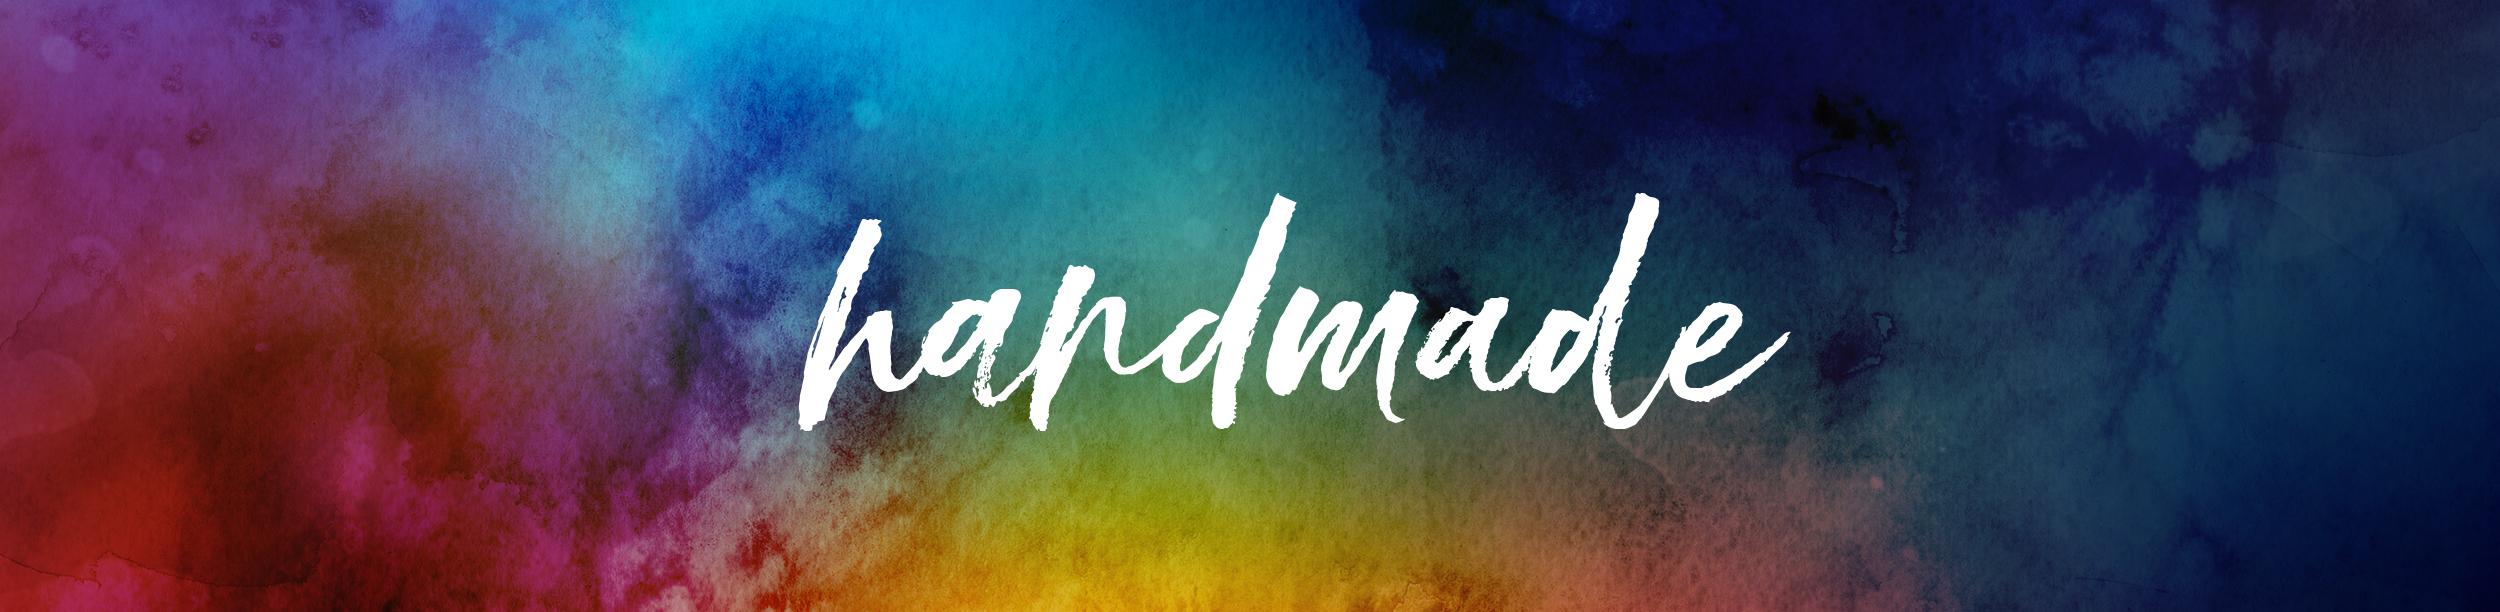 banner_handmade.jpg